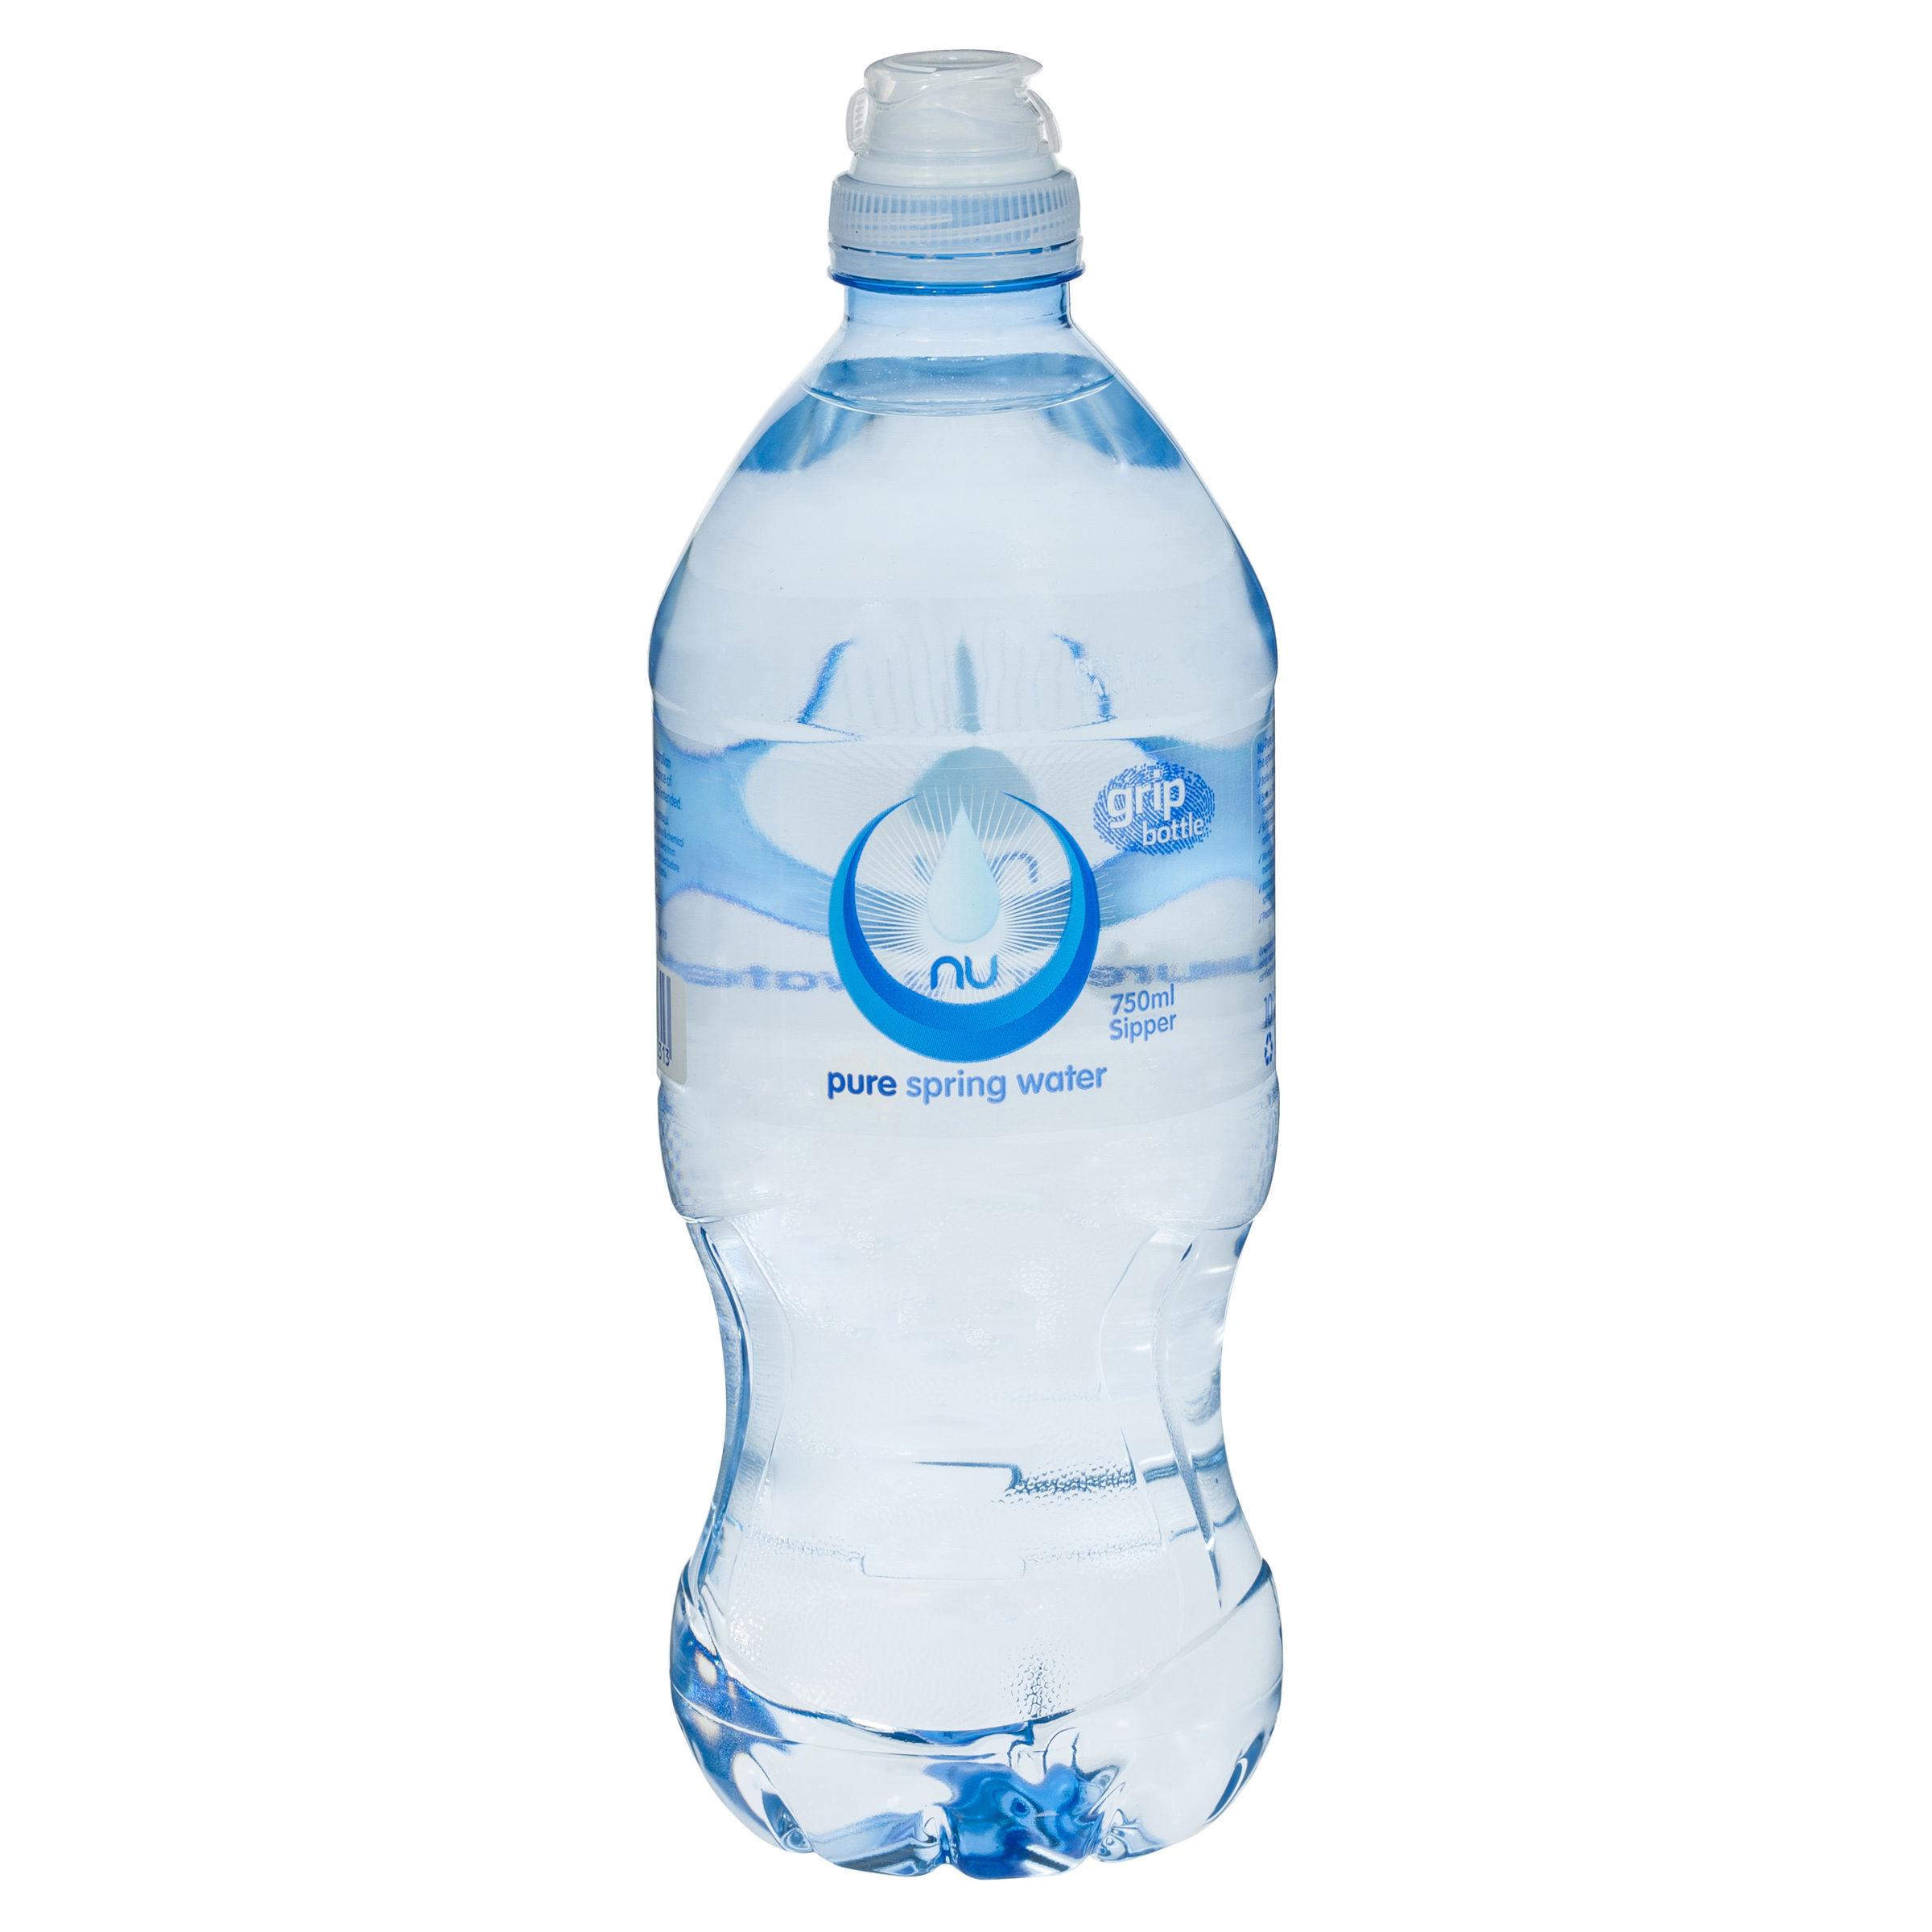 c12dc3b72e Nu Pure — Grip N Go Bottle PET, 750ml | Southwest Wholesalers